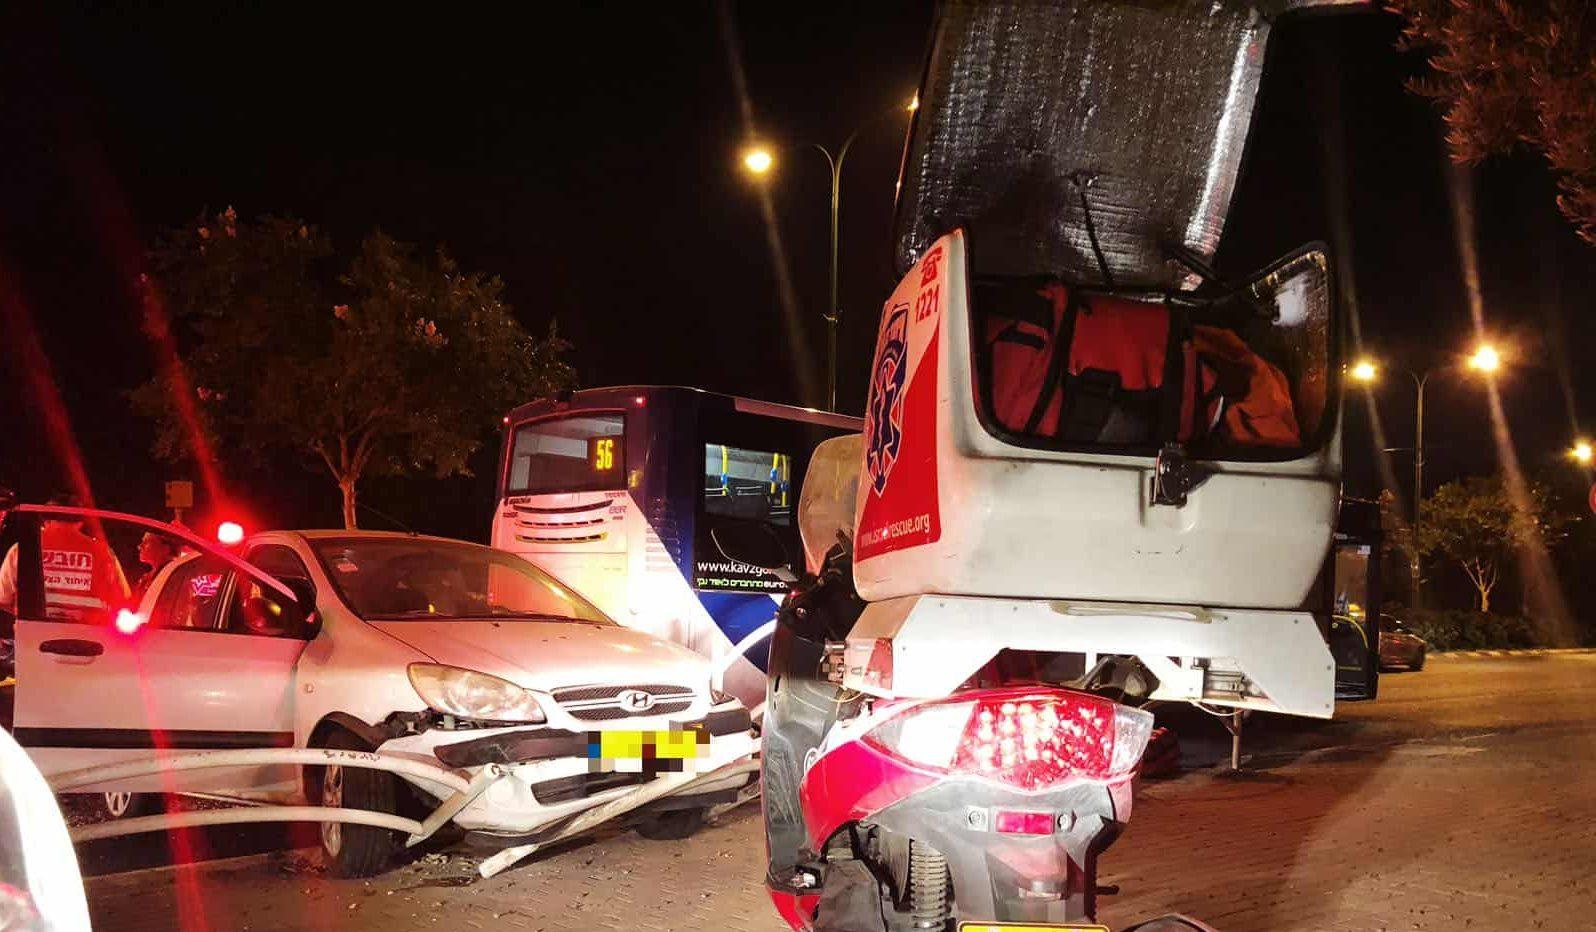 תאונה הלילה ברמת גן, צילום: באדיבות דוברות איחוד הצלה